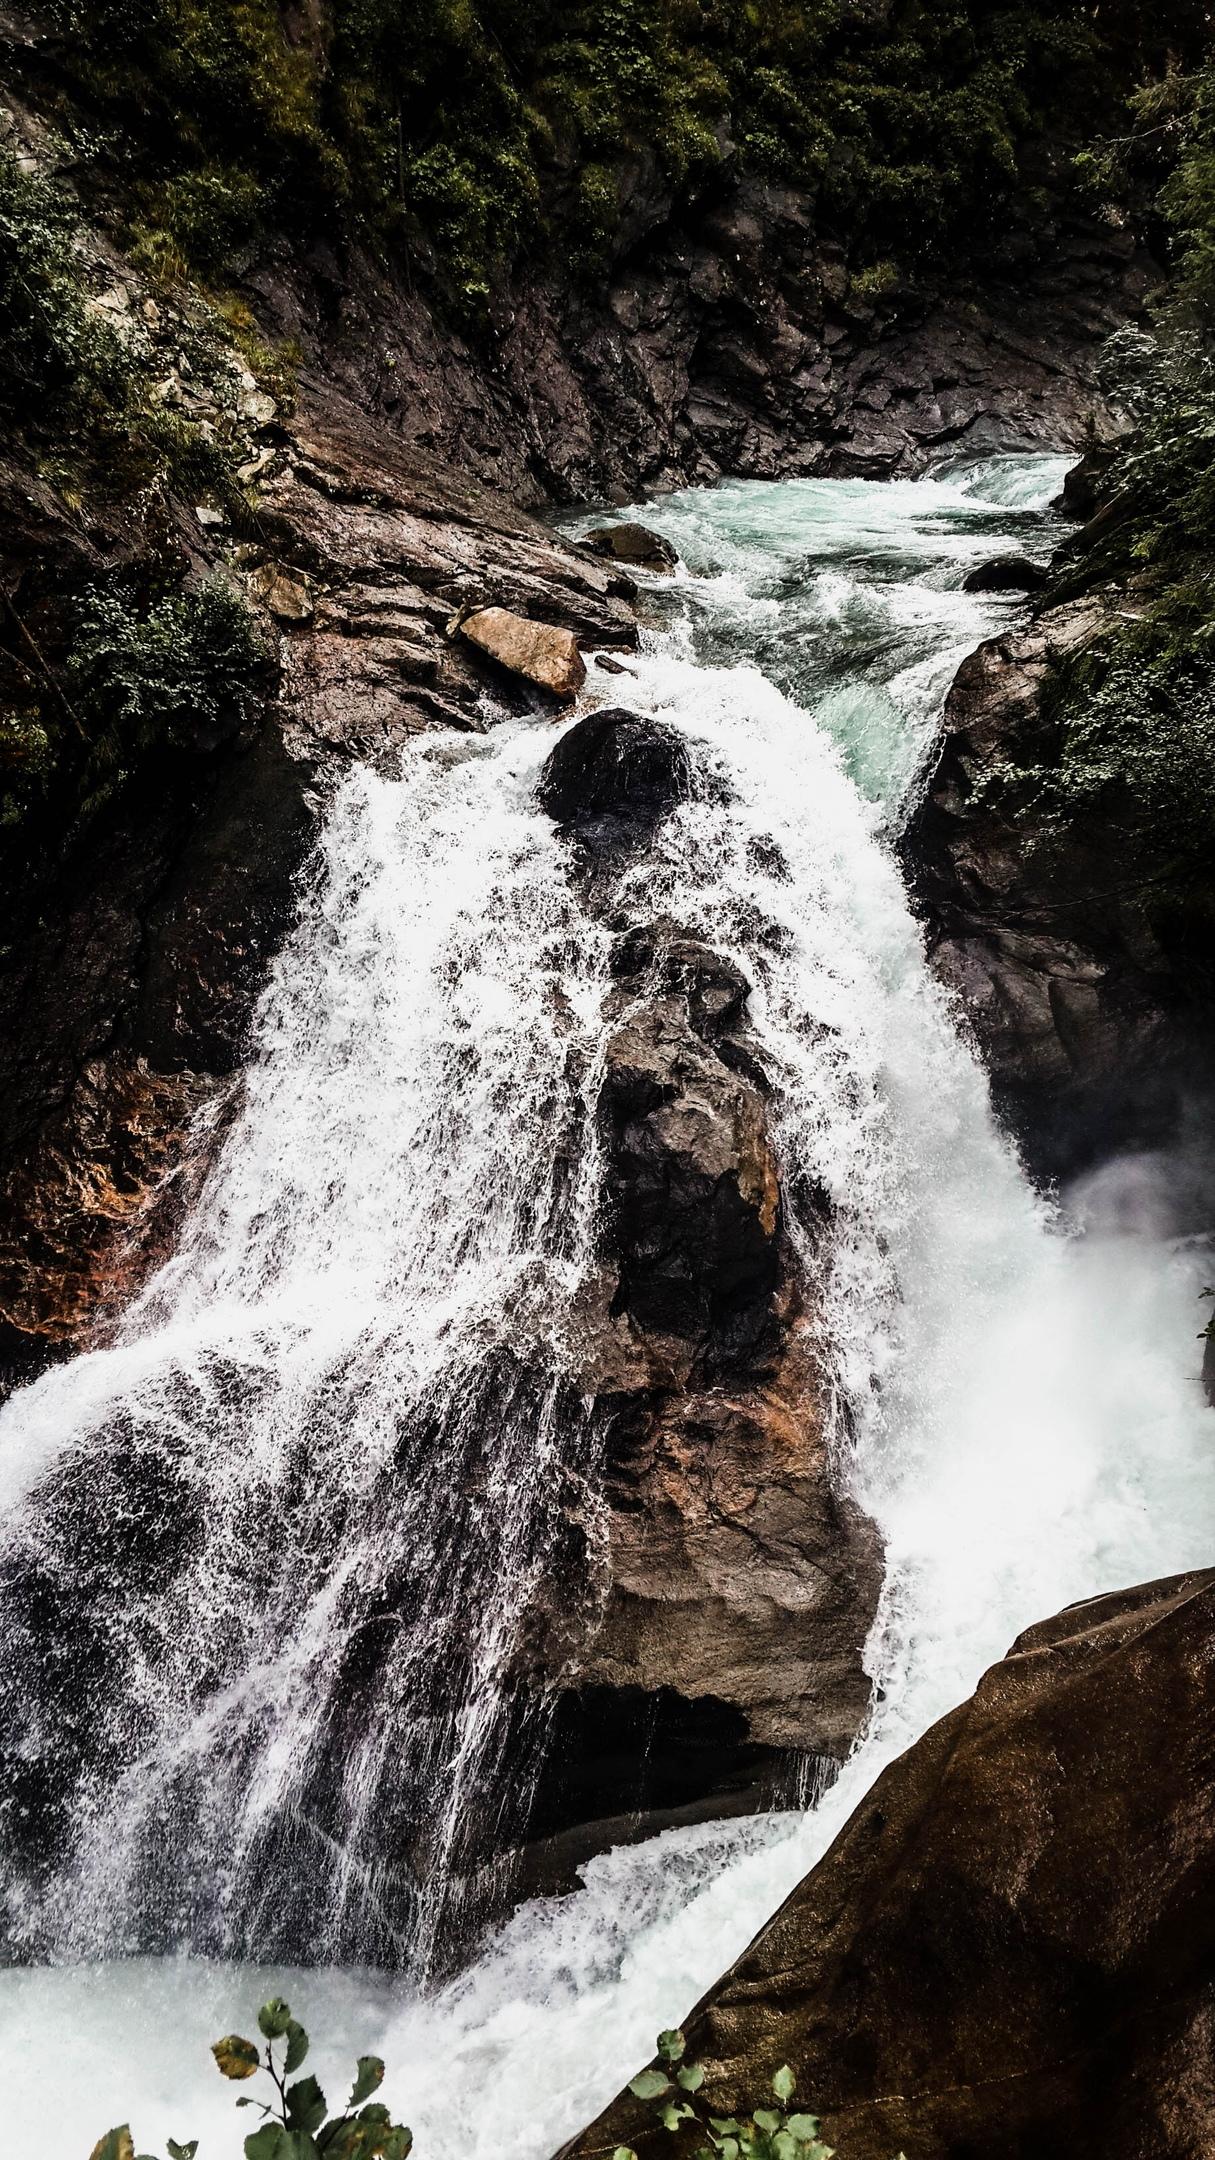 Австрия, Криммльские водопады, август 2019